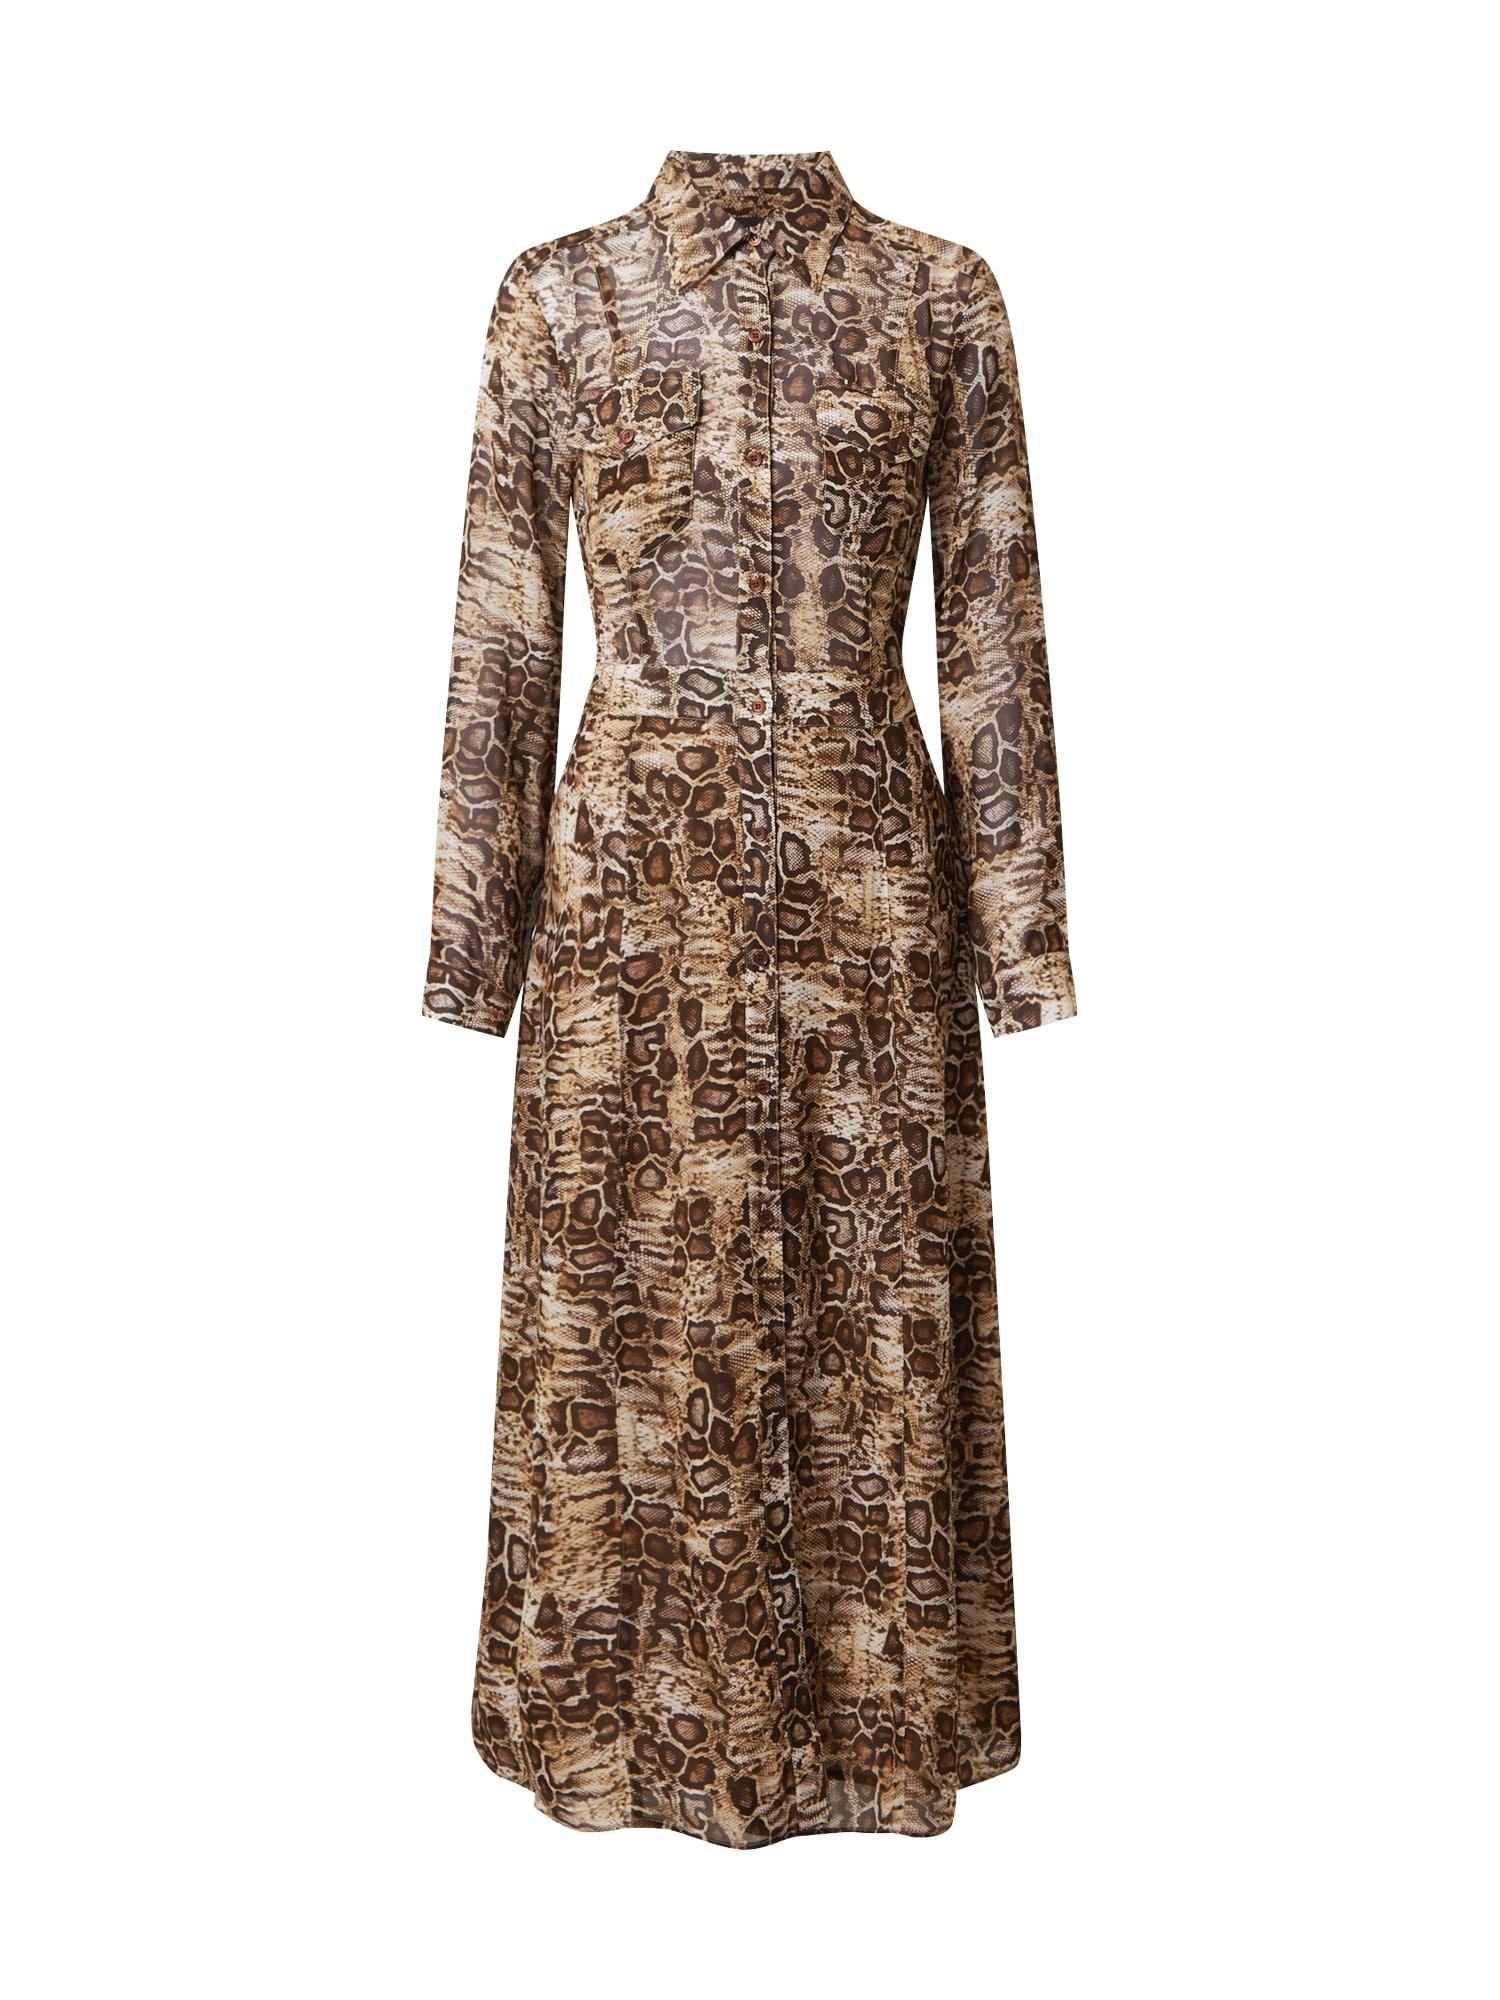 SAND COPENHAGEN Košilové šaty 'Mati'  velbloudí / tmavě hnědá